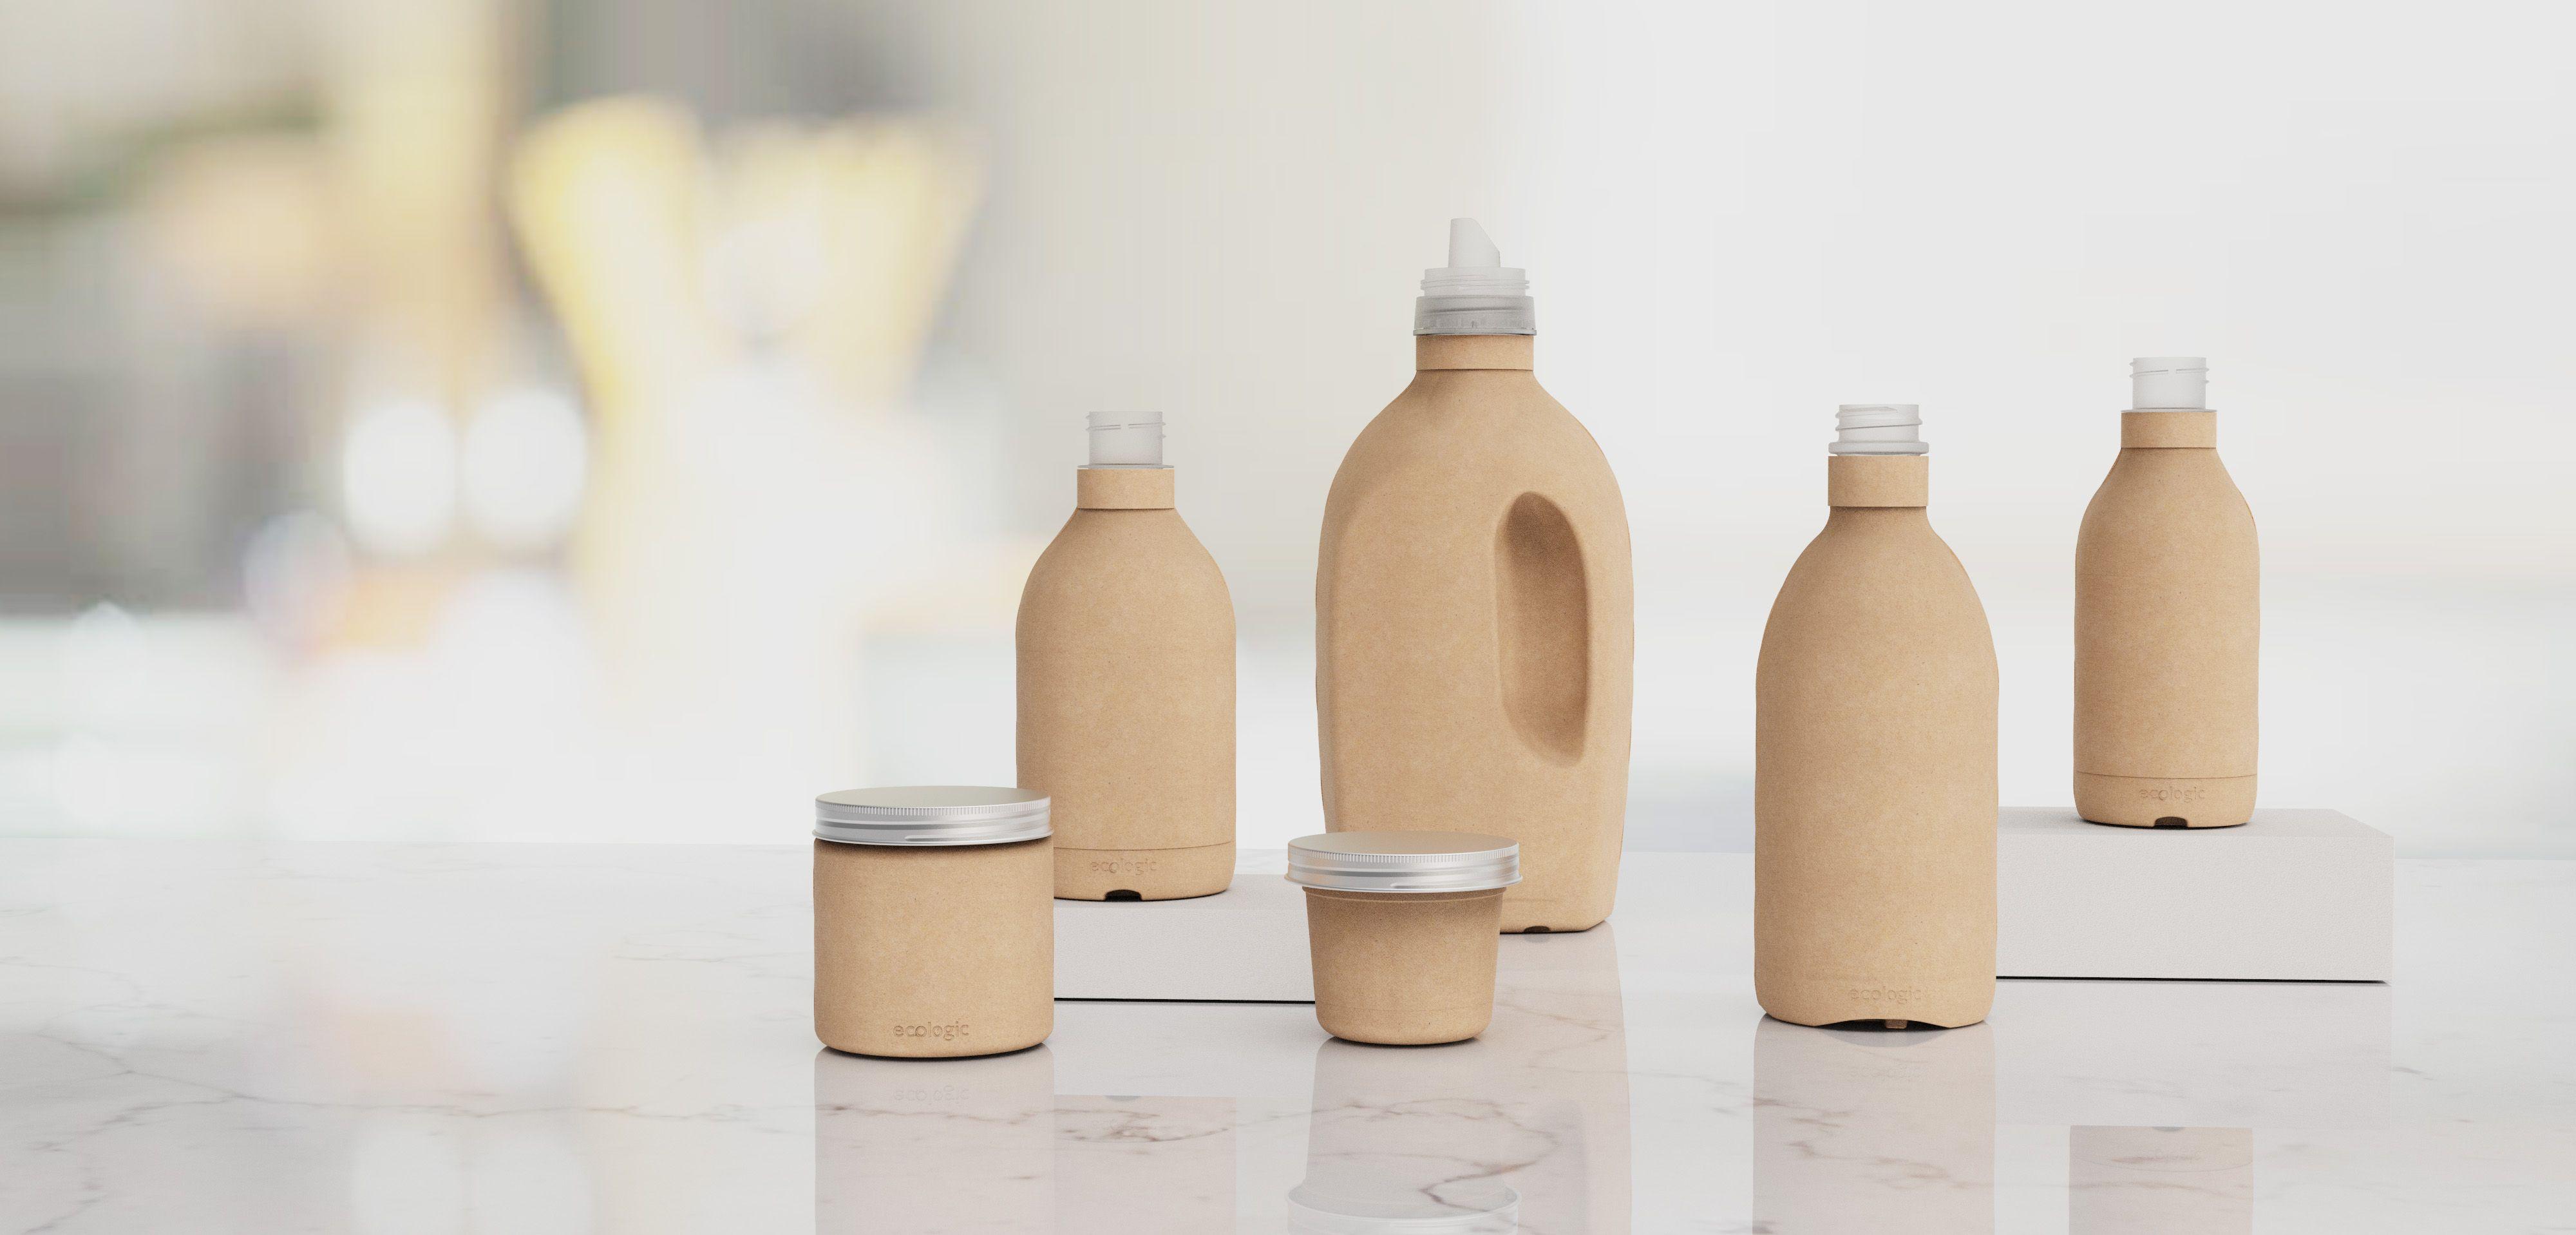 Jabil consolida su apuesta por el embalaje sostenible con la compra de Ecologic Brands?